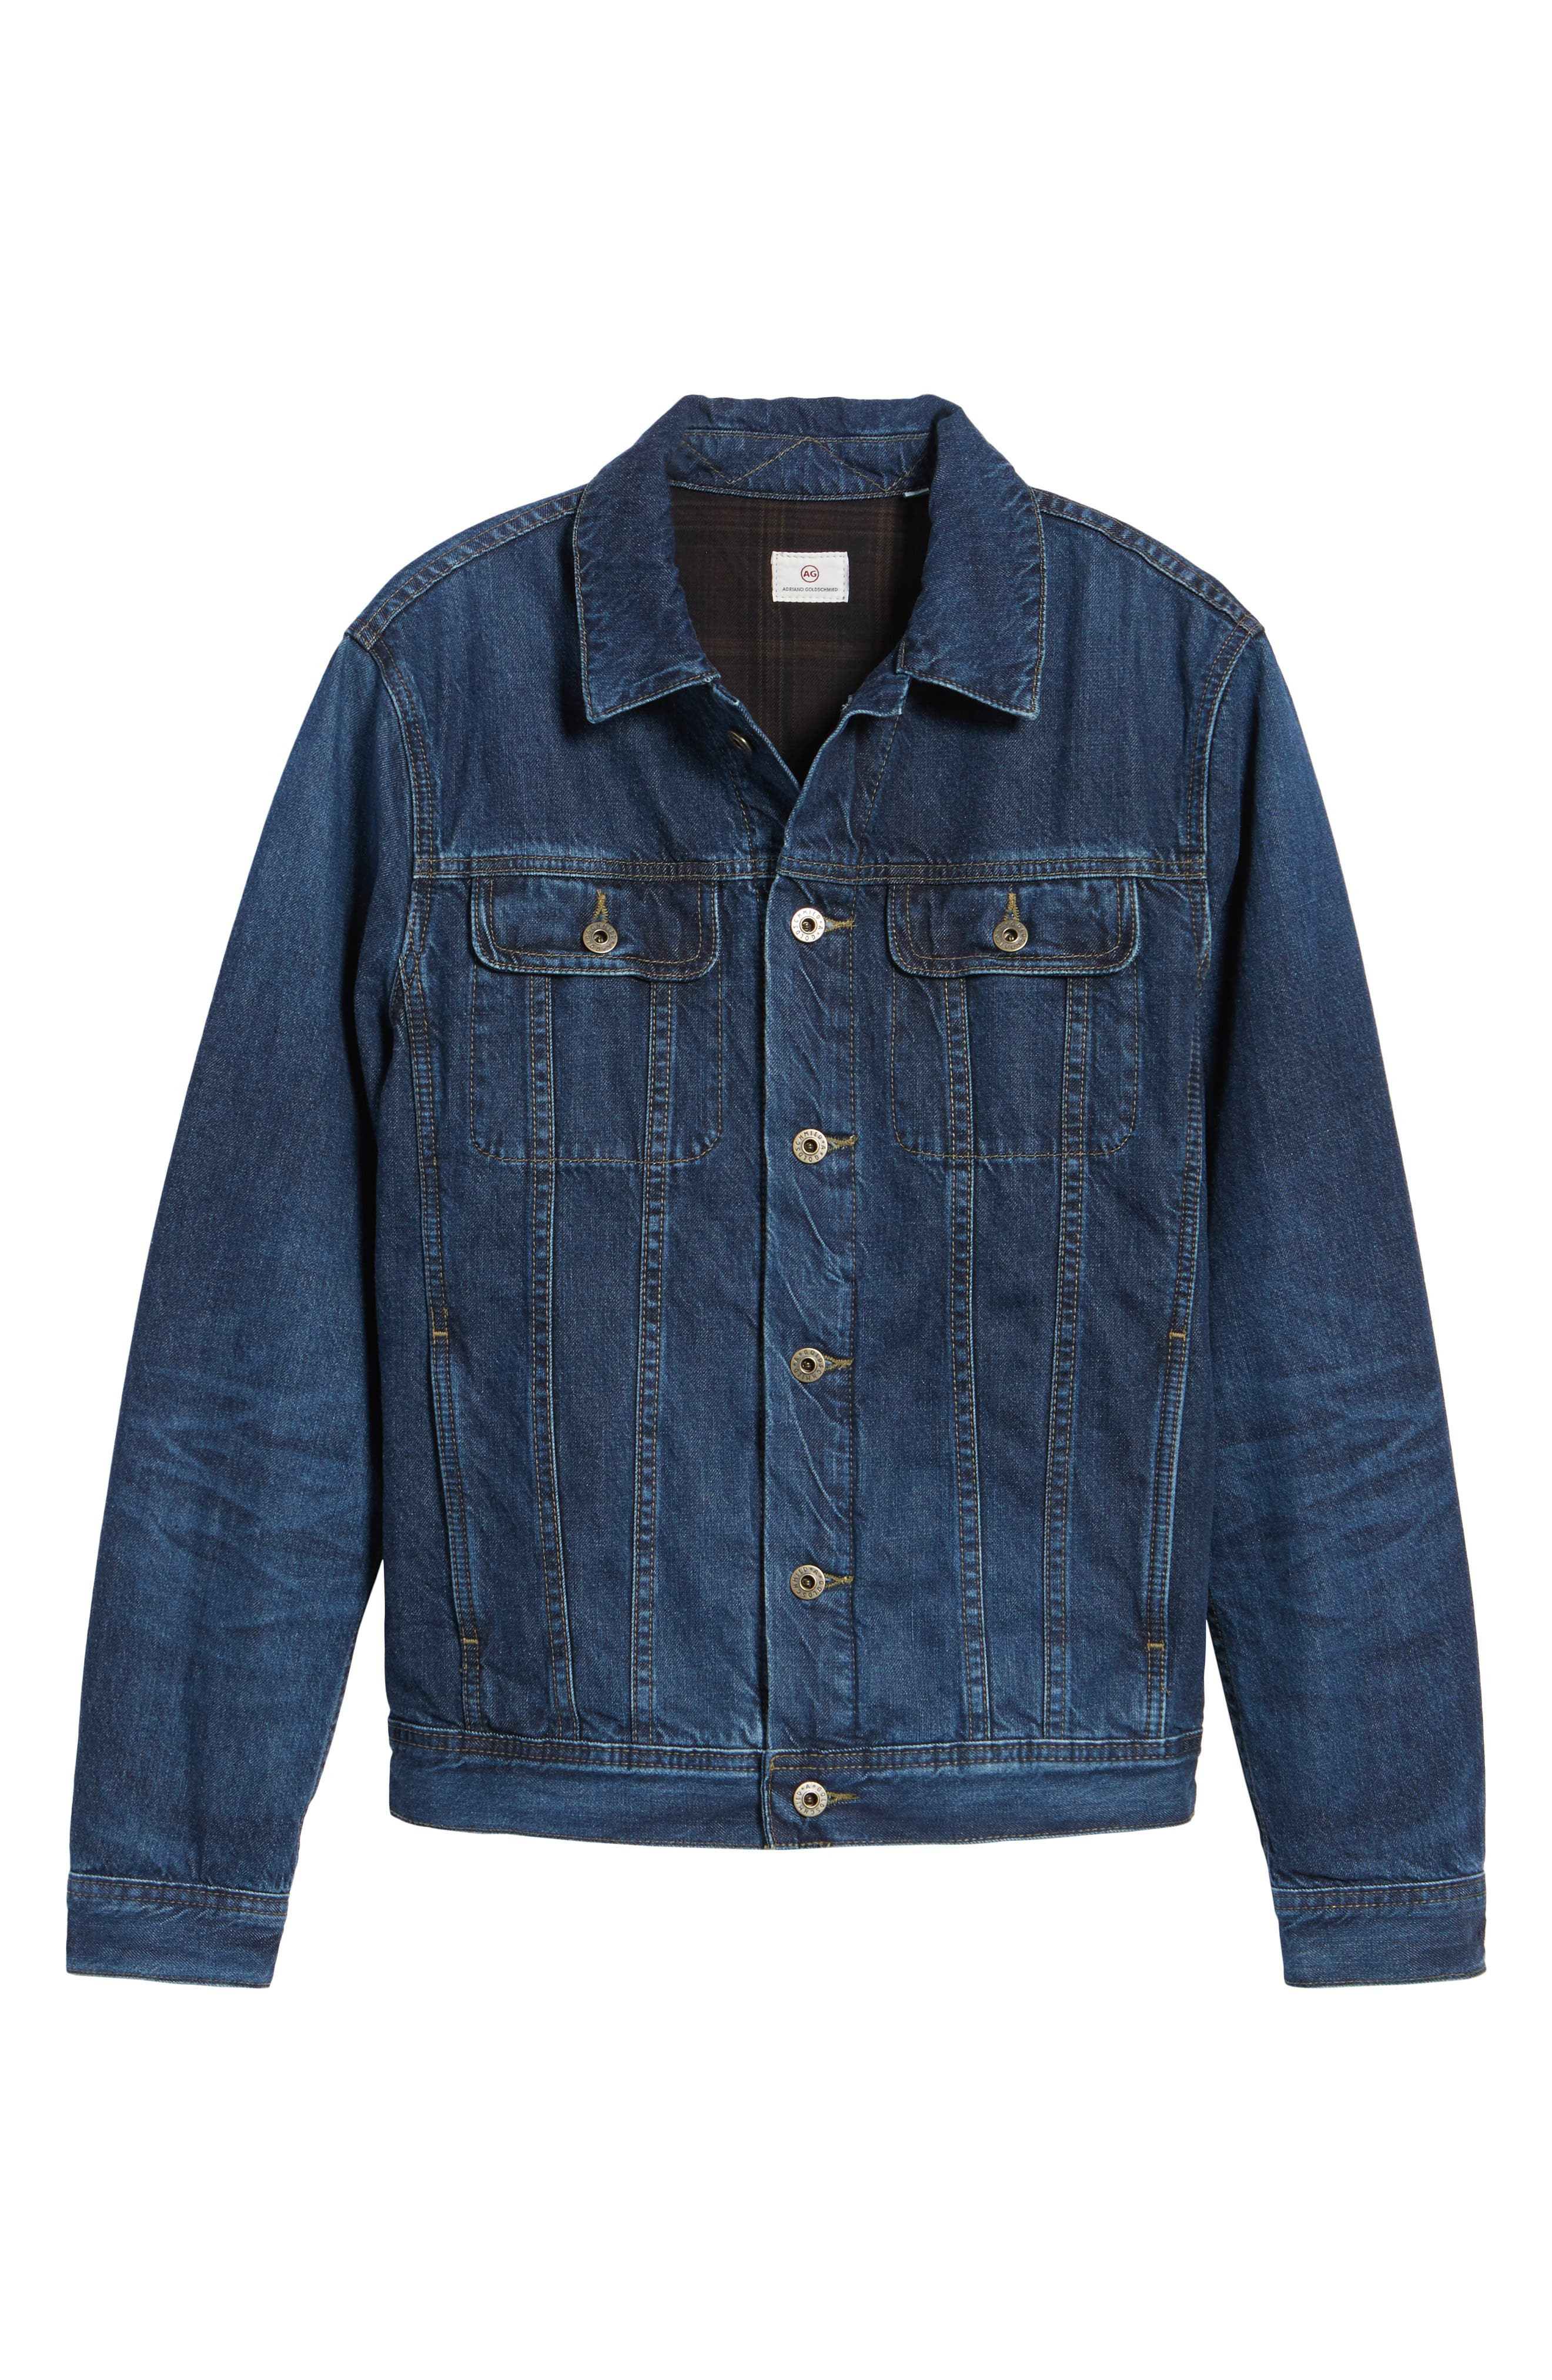 Regular Fit Lined Denim Jacket,                             Alternate thumbnail 5, color,